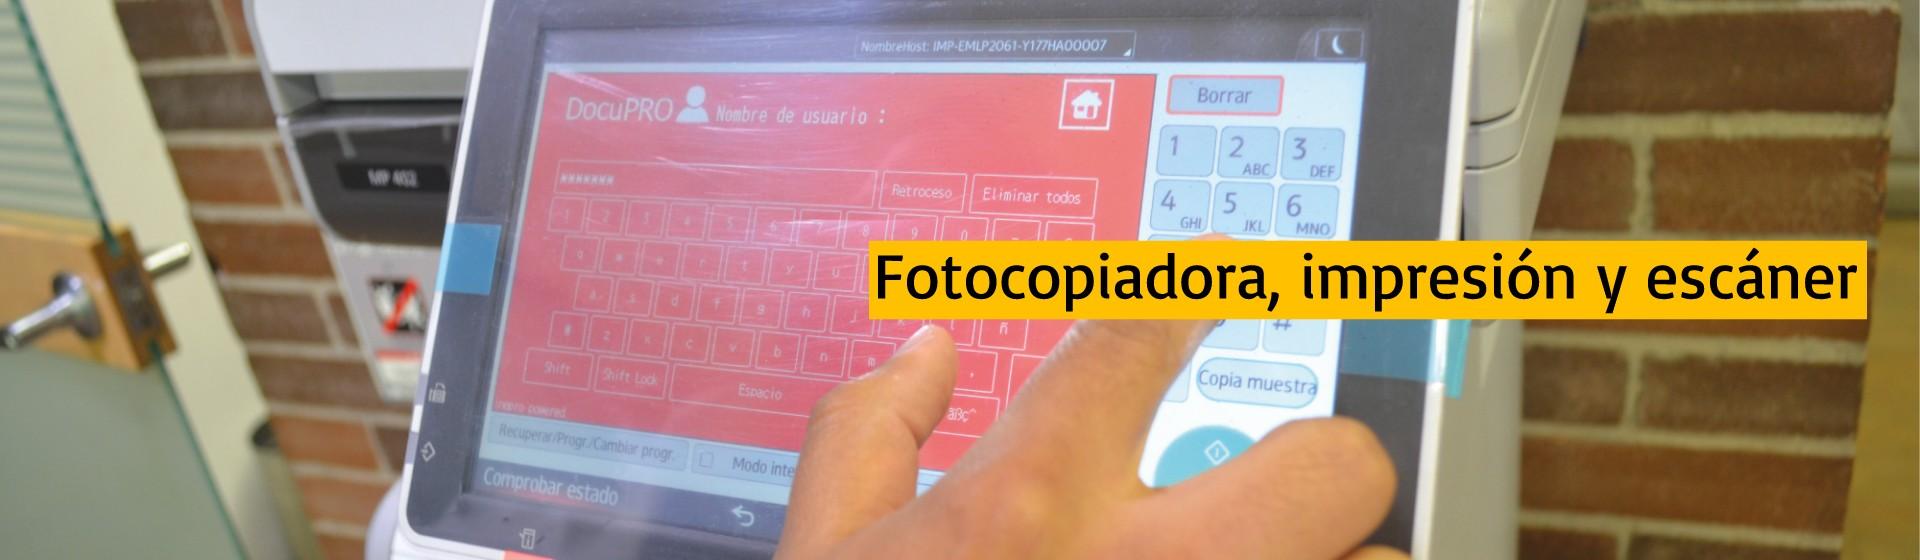 Fotocopias e impresión | Uniandes